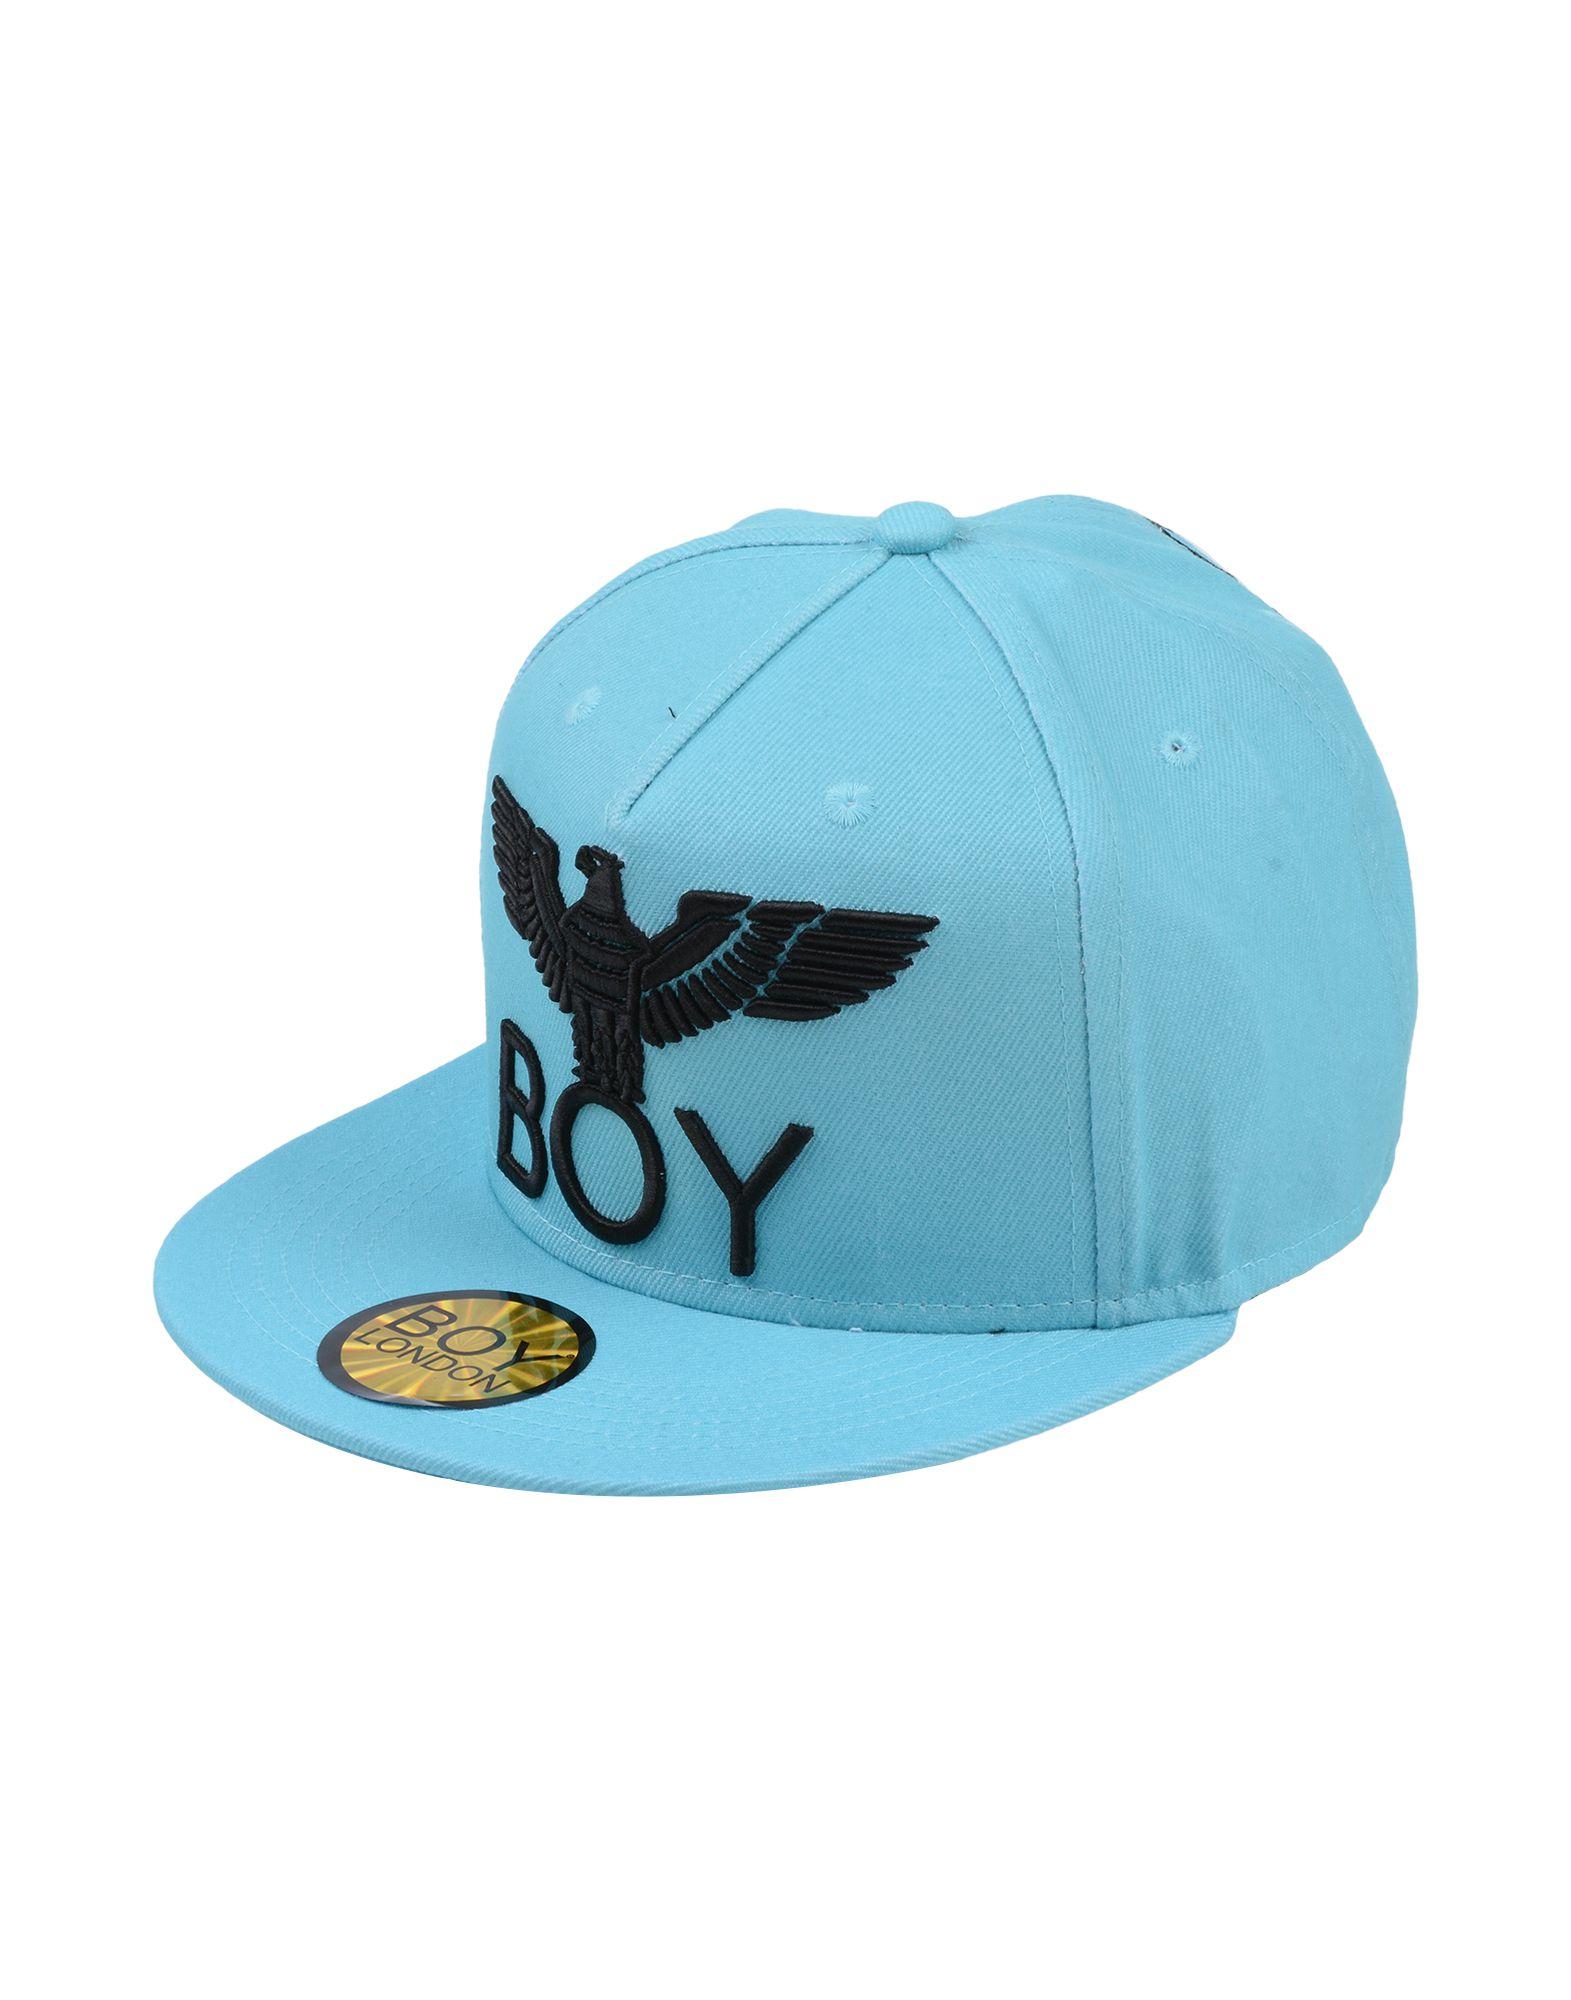 《送料無料》BOY LONDON メンズ 帽子 スカイブルー one size ポリエステル 100%